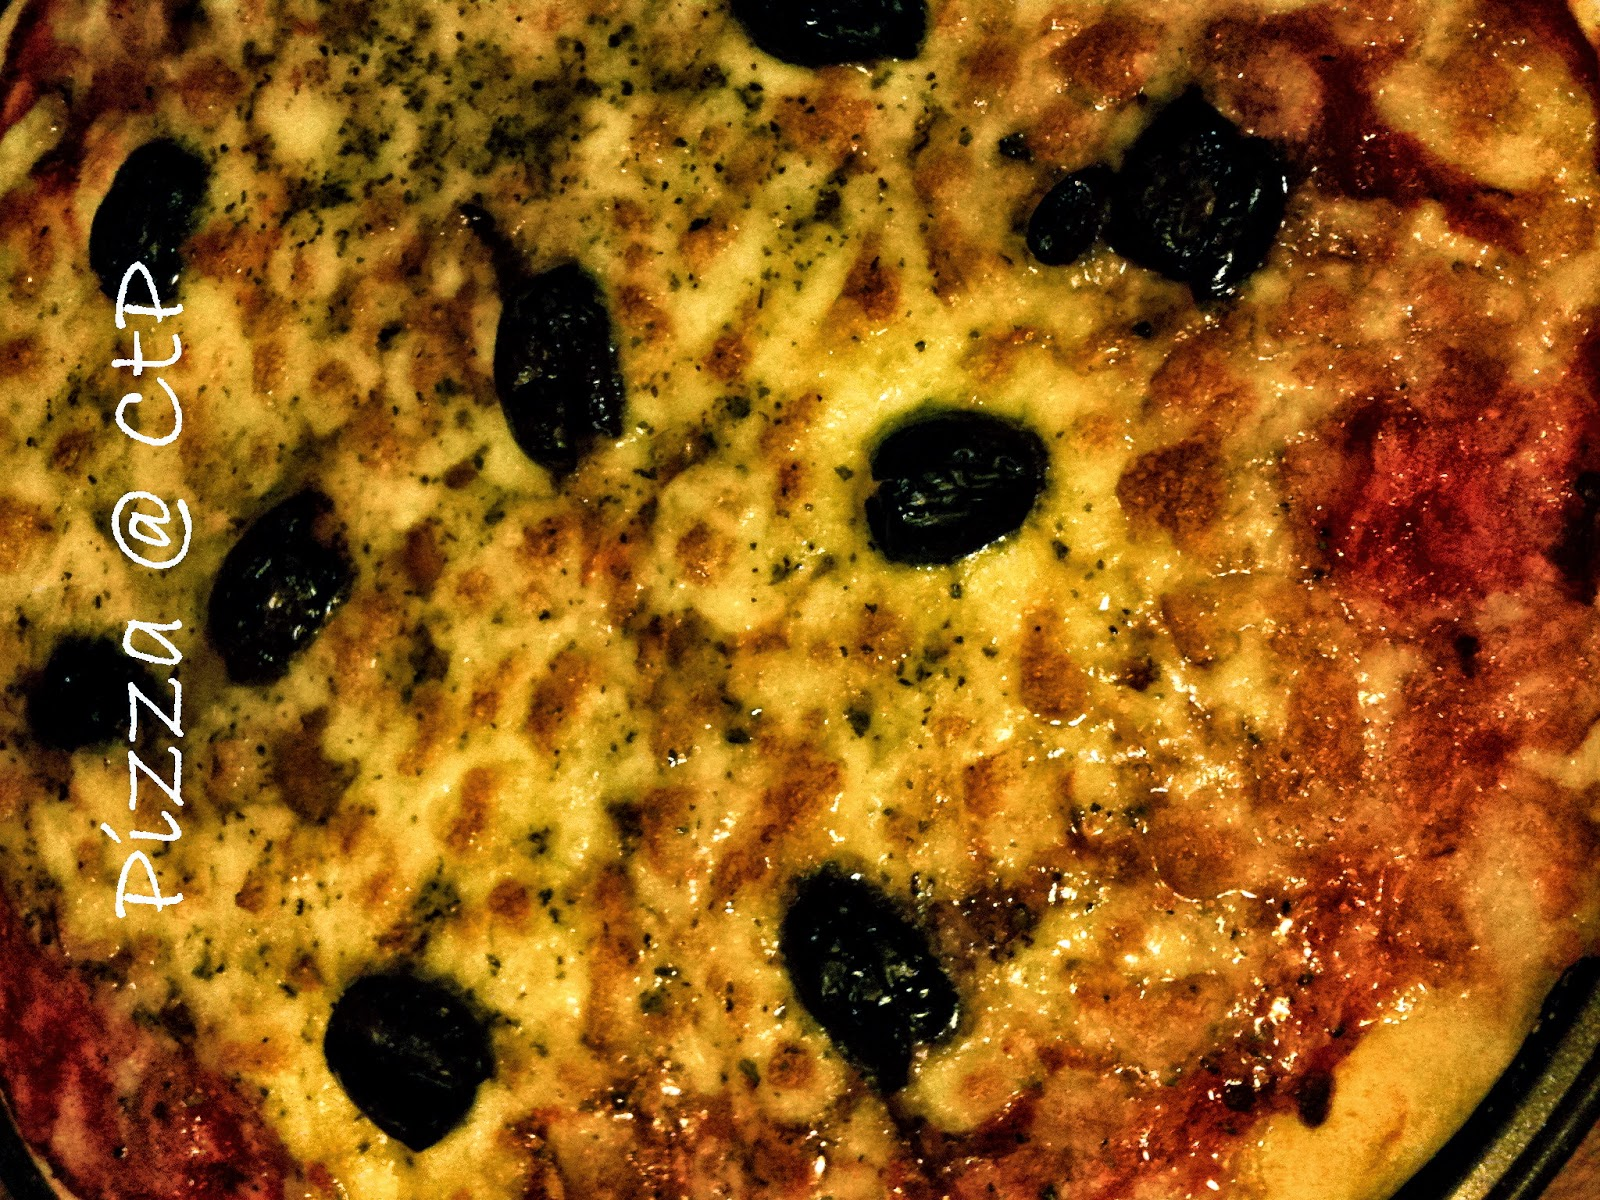 Pizza fatta con lievito madre delle Sorelle Simili